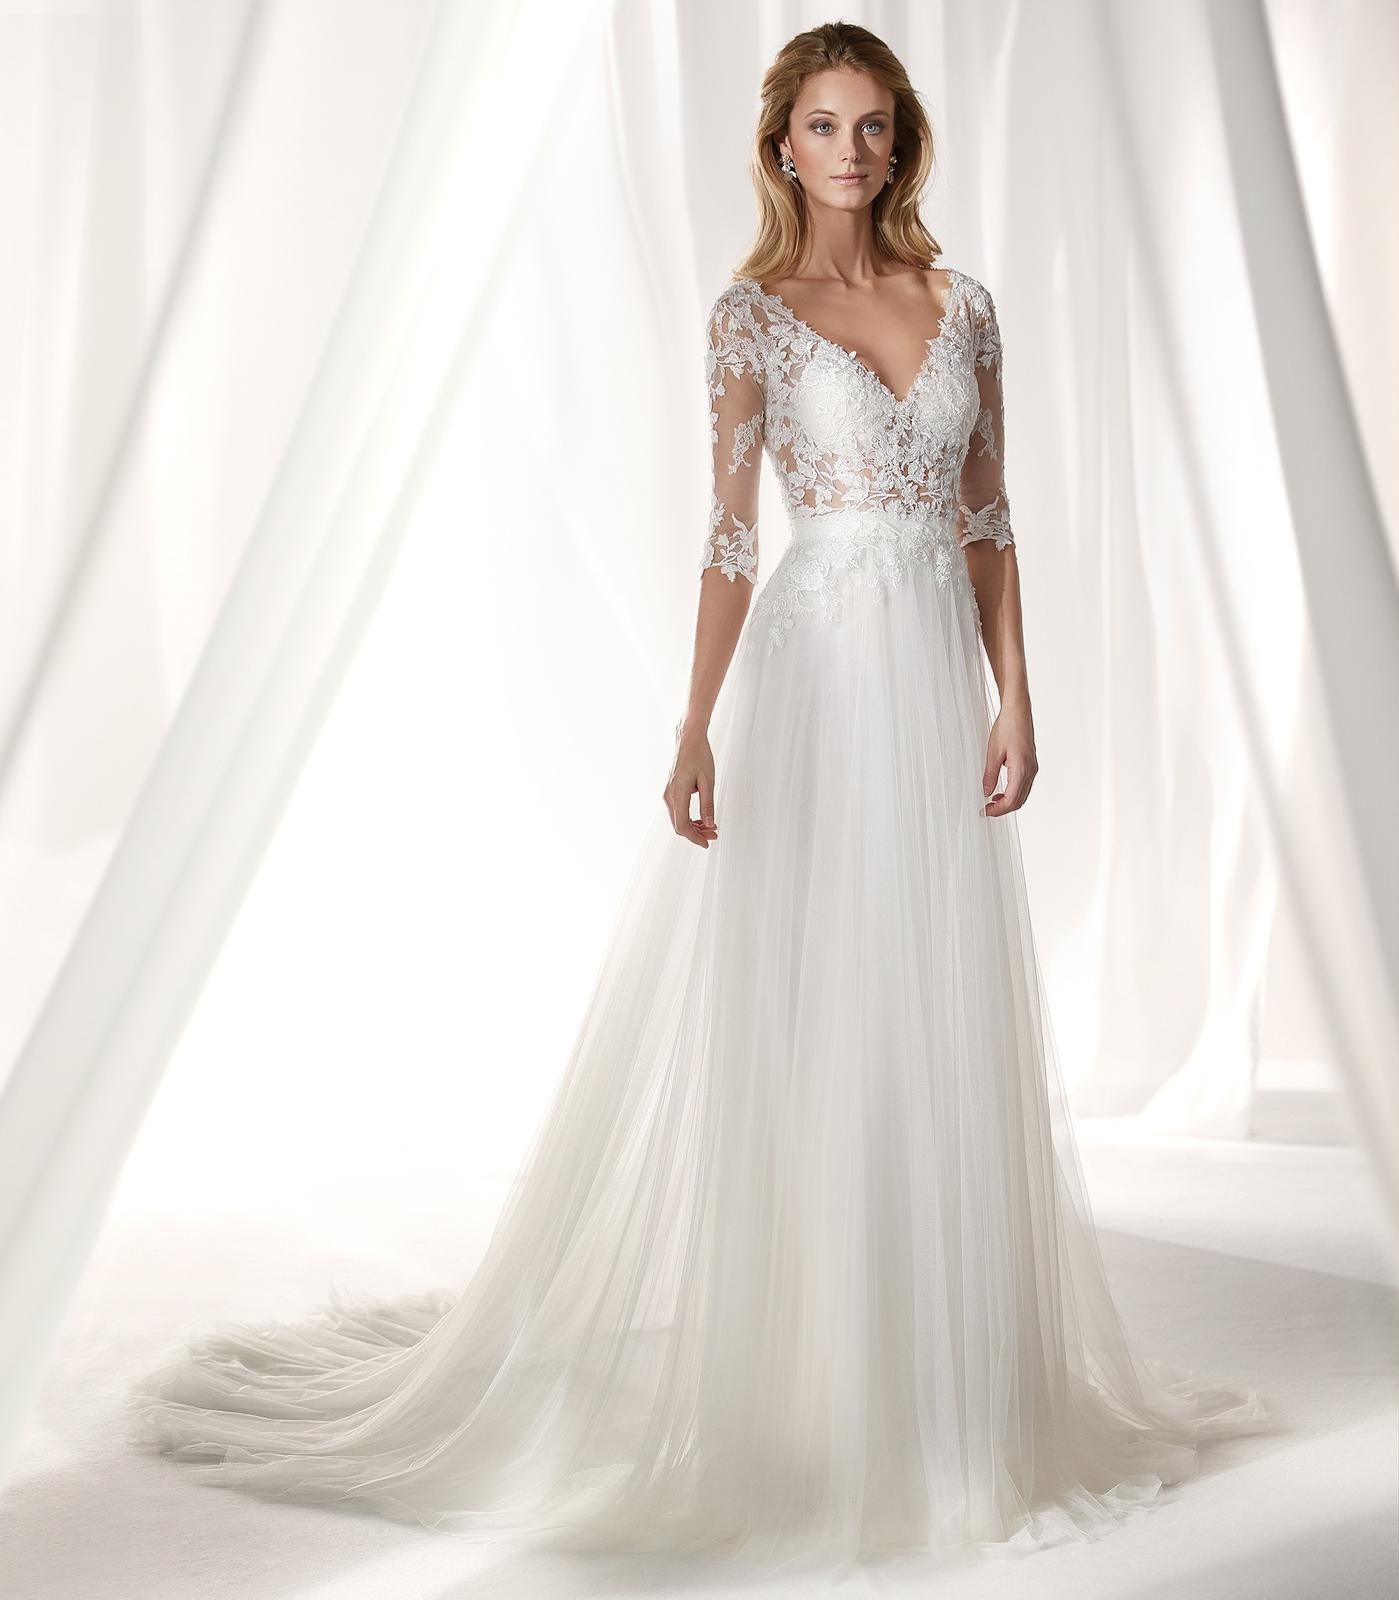 Svadobné šaty z kolekcií na rok 2019 - Obrázok č. 91